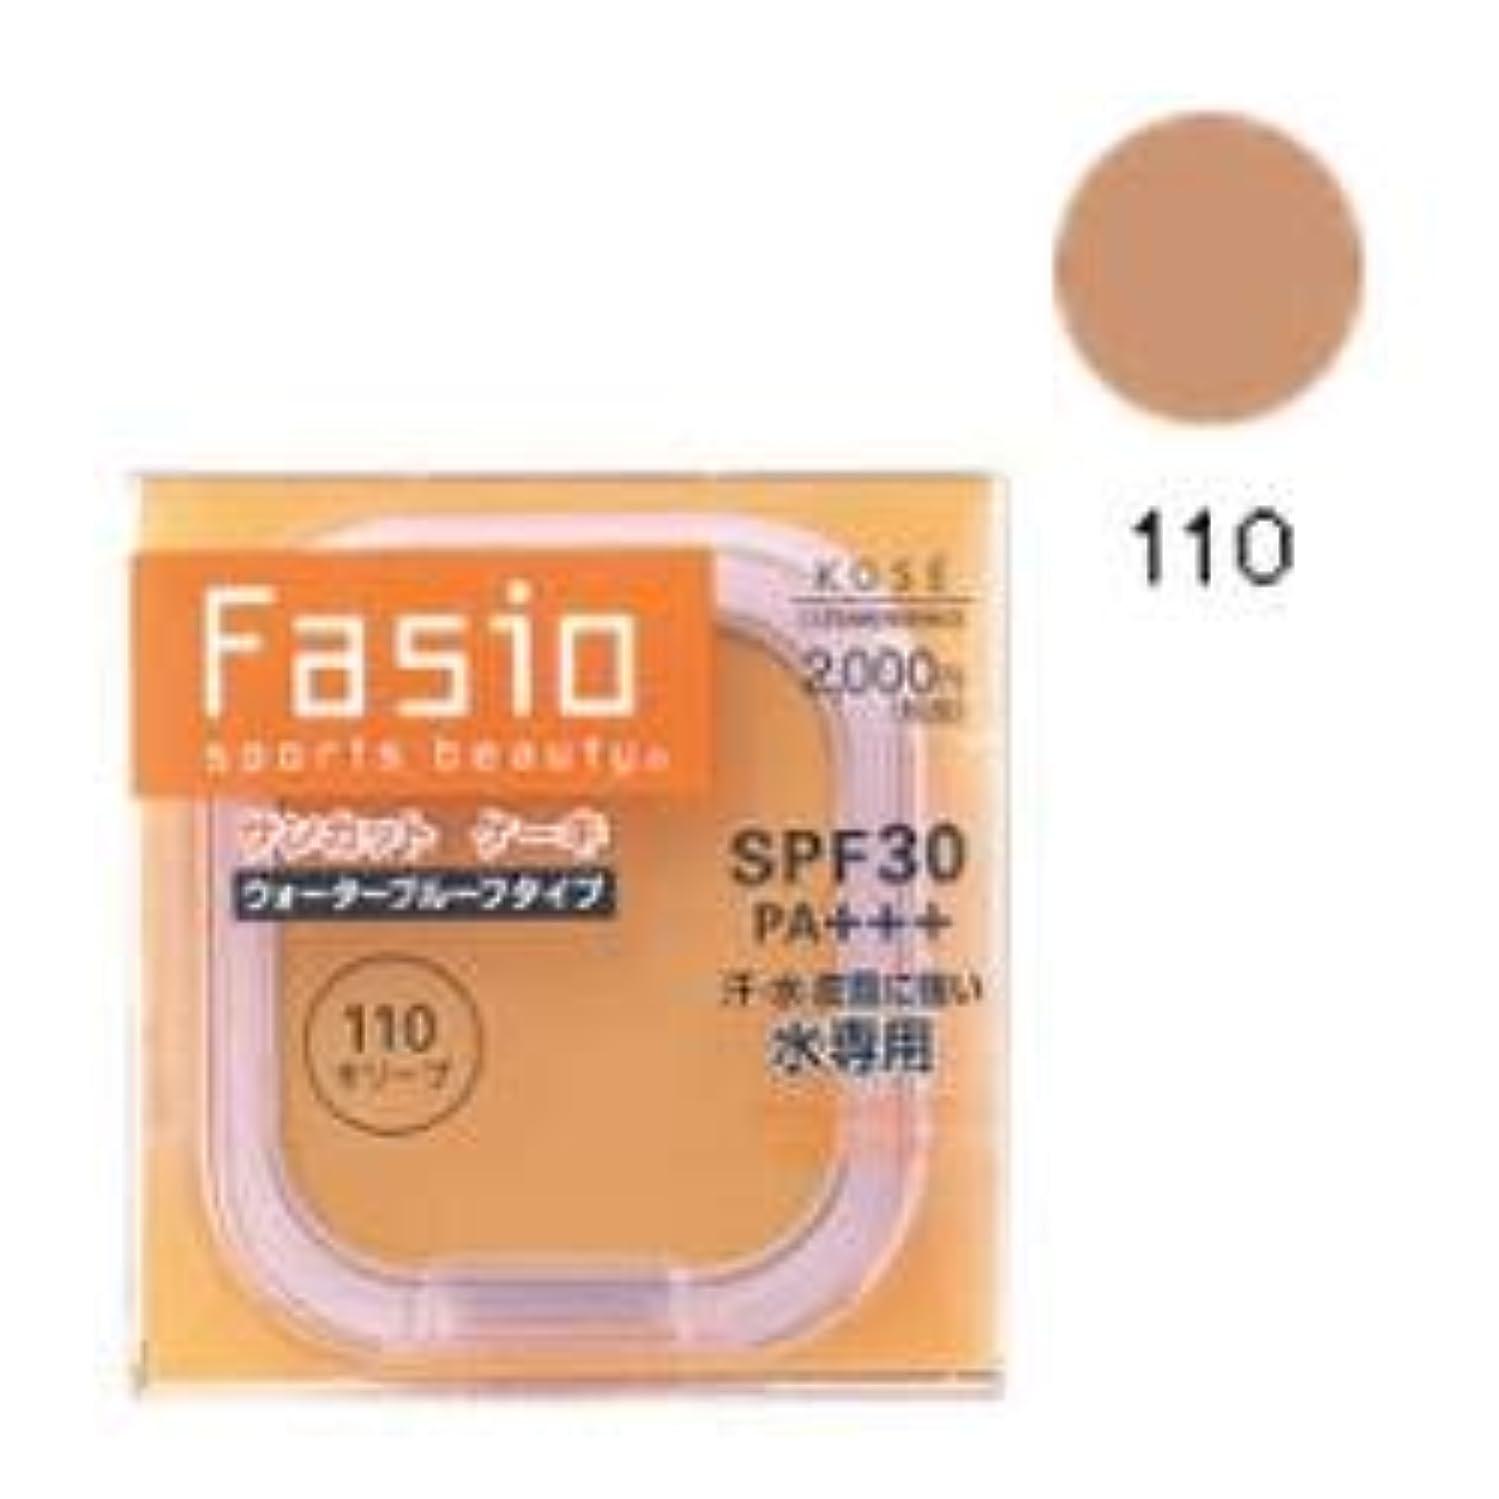 エスニック今日モディッシュコーセー Fasio ファシオ サンカット ケーキ 詰め替え用 110